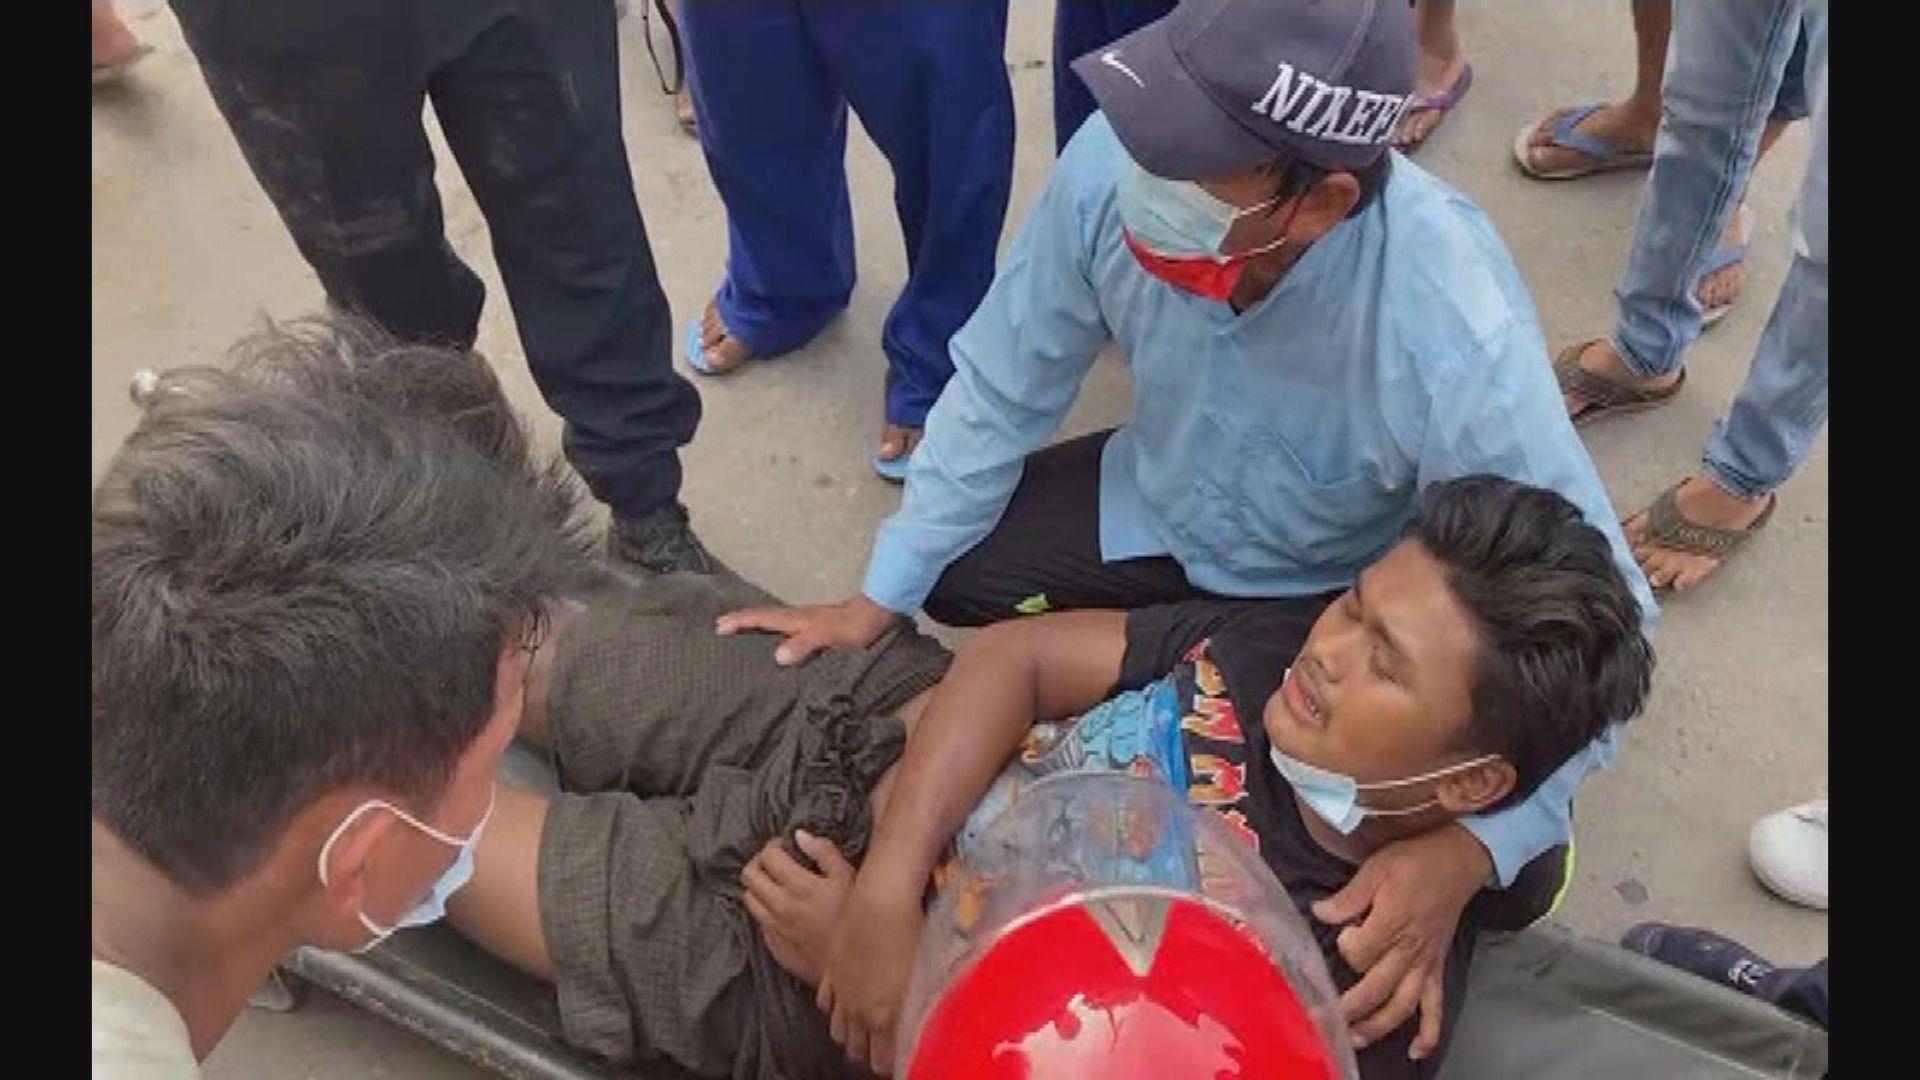 英美等多國譴責緬甸軍方暴力鎮壓示威者